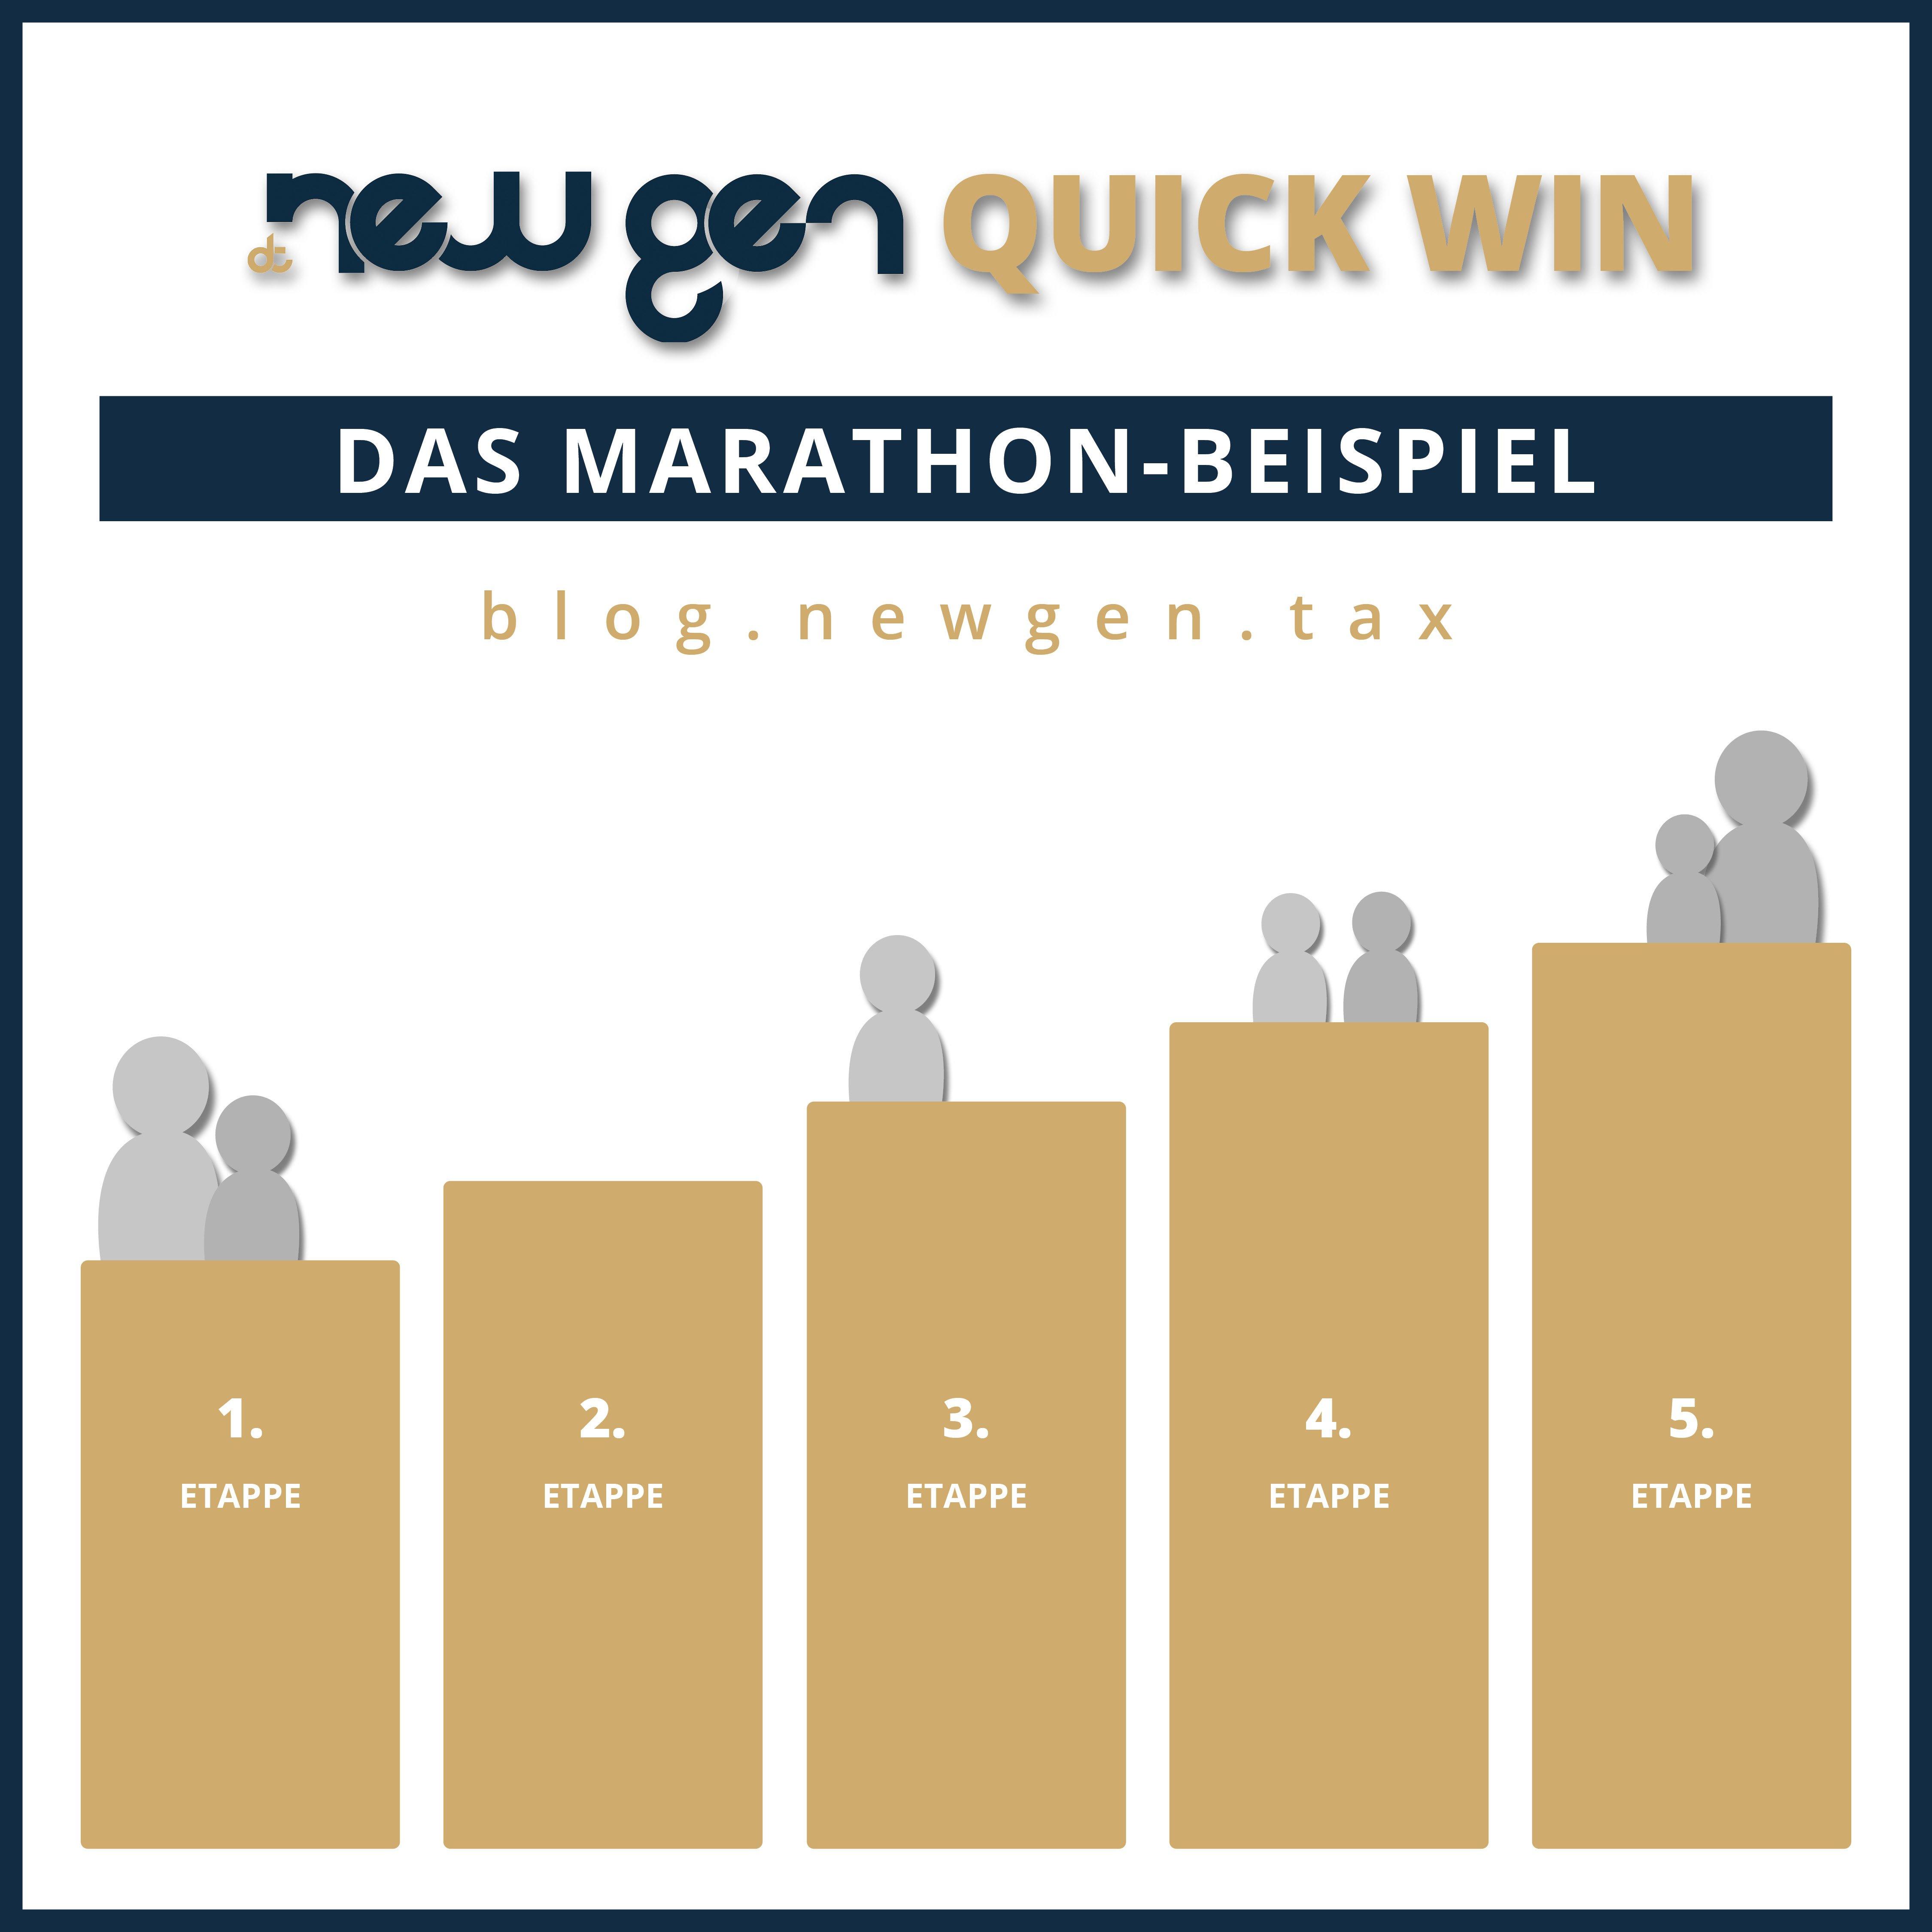 new gen Quick Win: Das Marathon-Beispiel